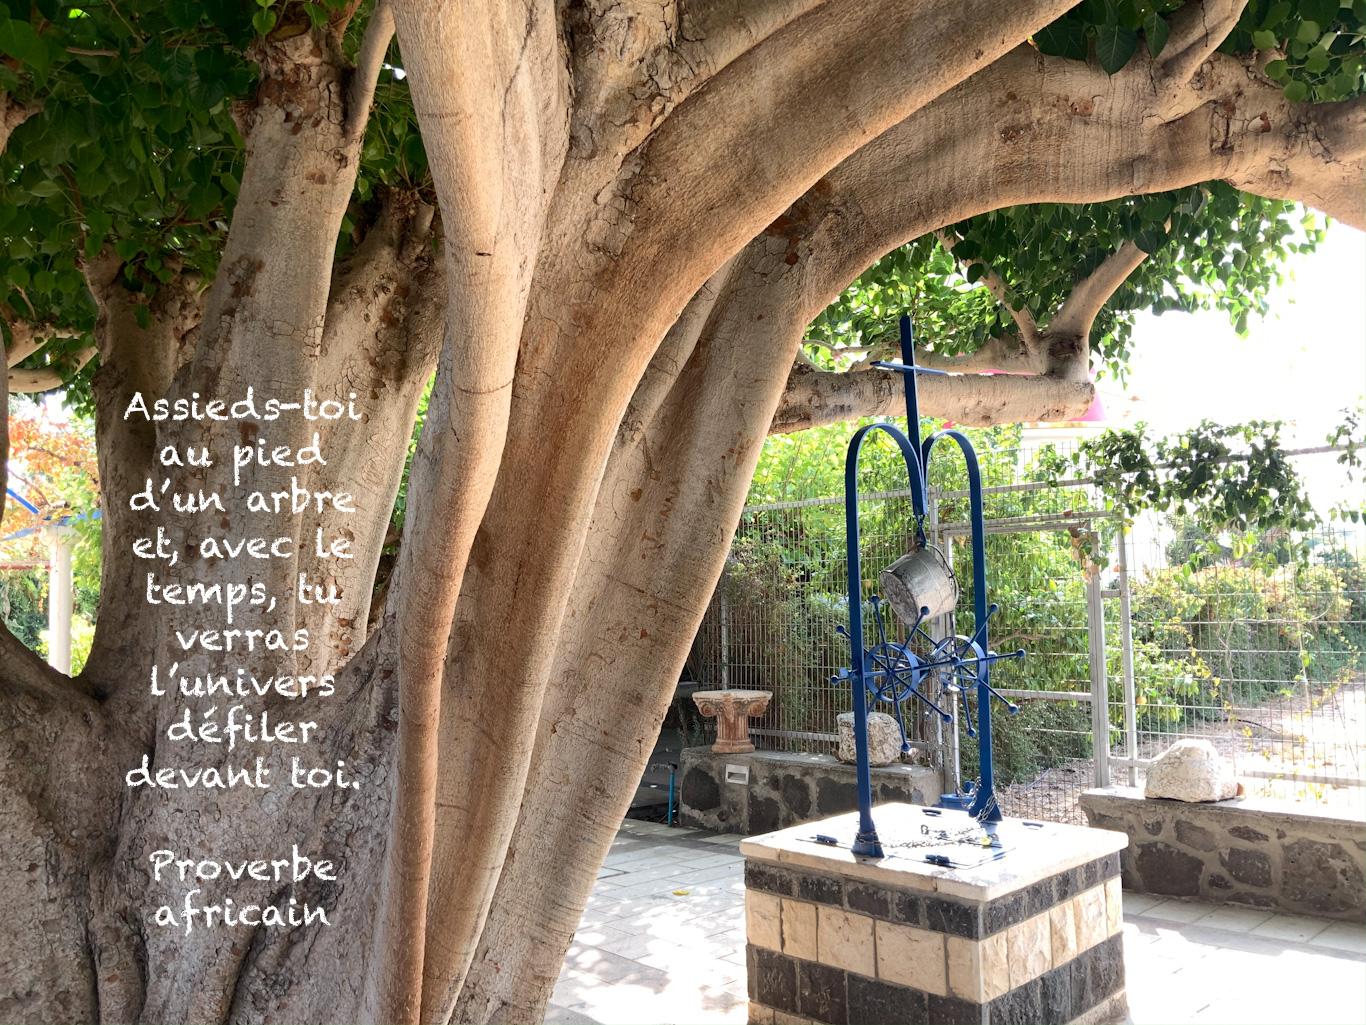 Citation sur l'image d'un arbre immense à côté d'un puit